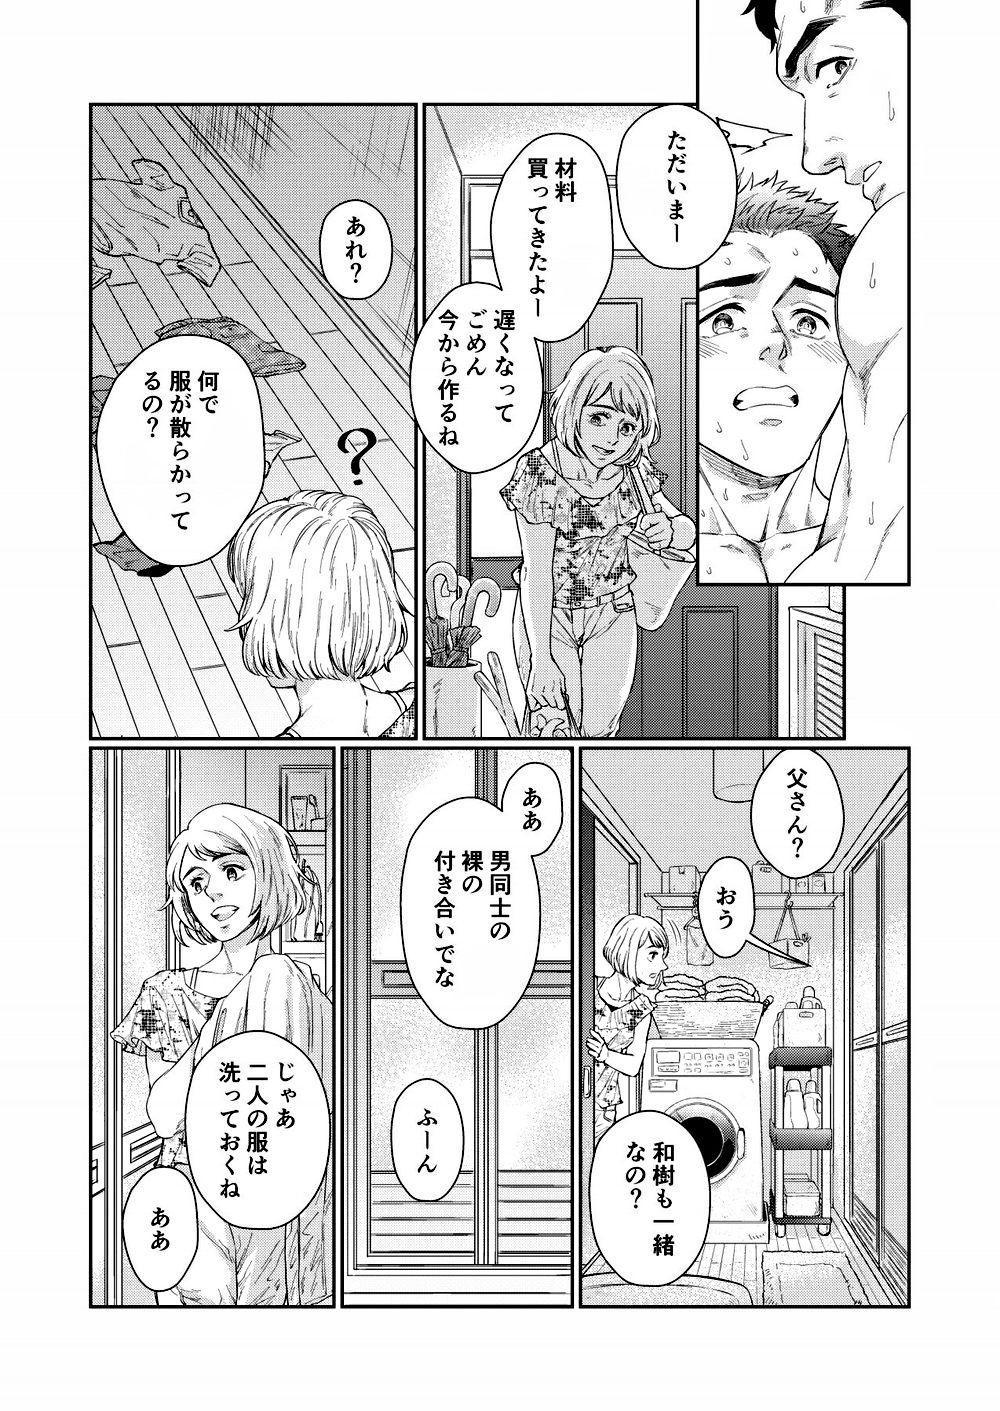 Kamishimo o nuide hitotsu bureikō 20